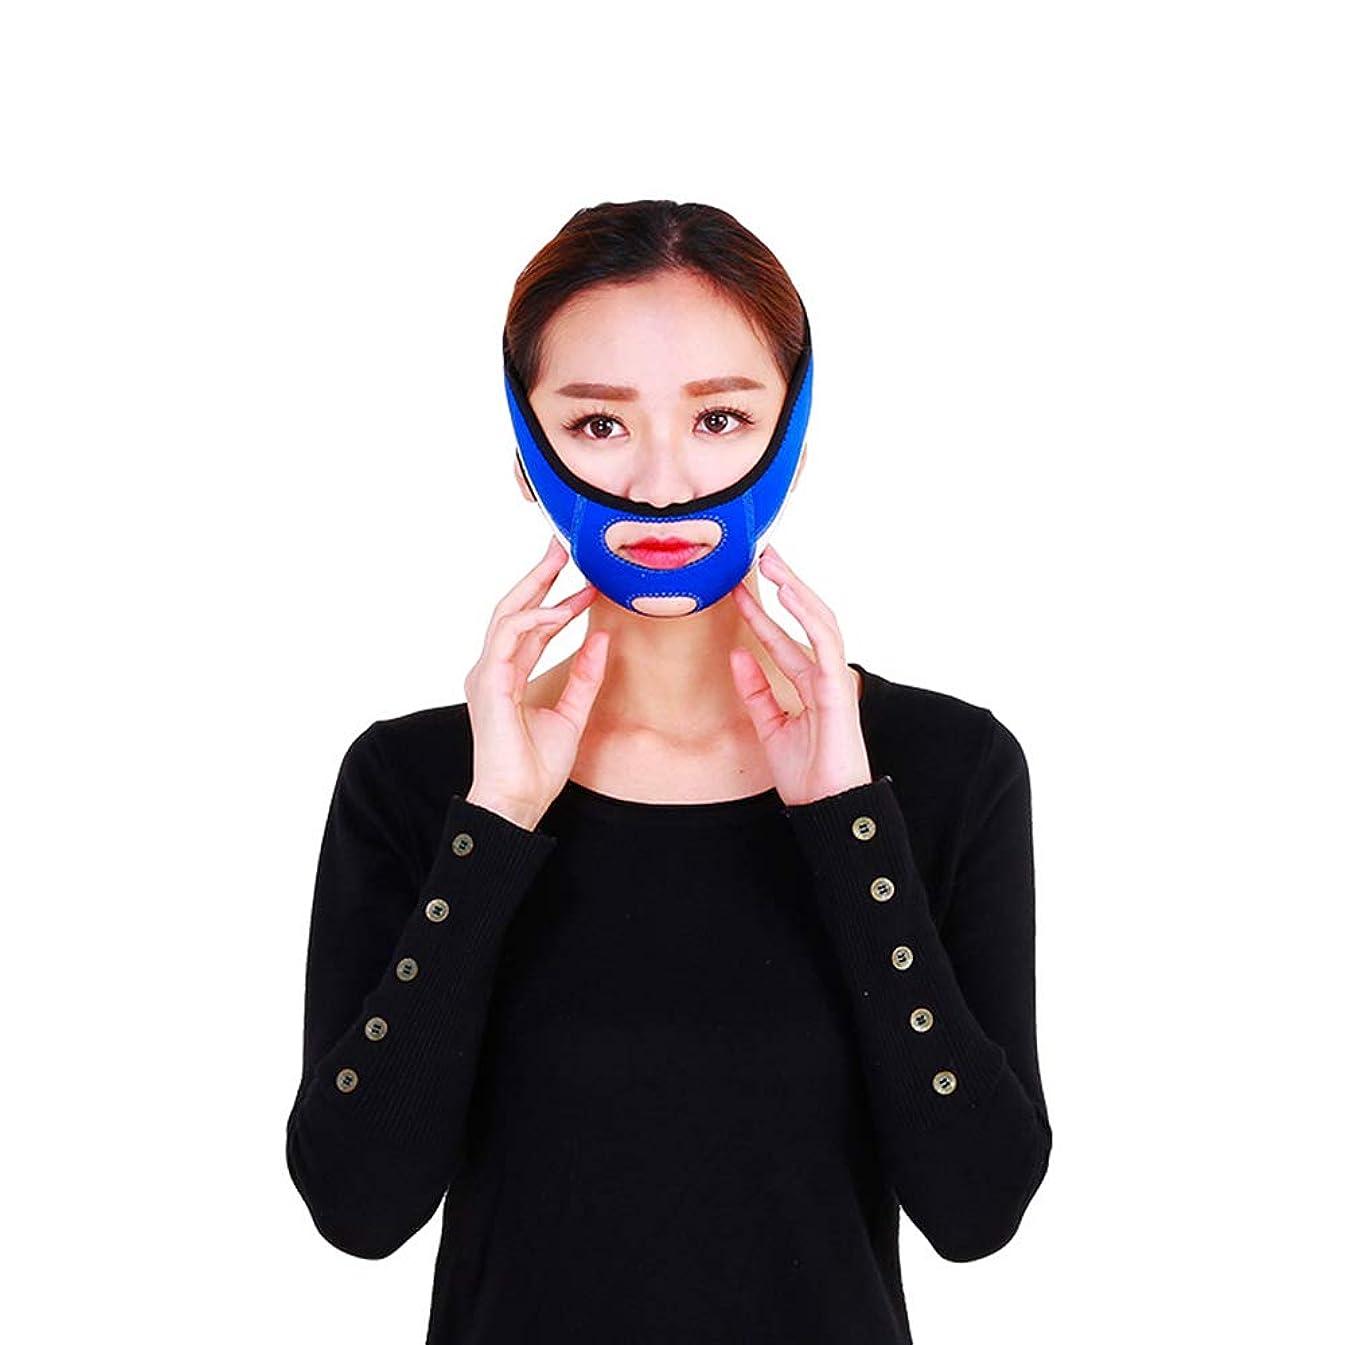 送金迫害する透過性フェイスリフトベルト 顔を持ち上げるベルト - 顔を持ち上げる包帯は、上顎顔面修正ツールを強力に強化し、顔面マスクのV字形の人工物